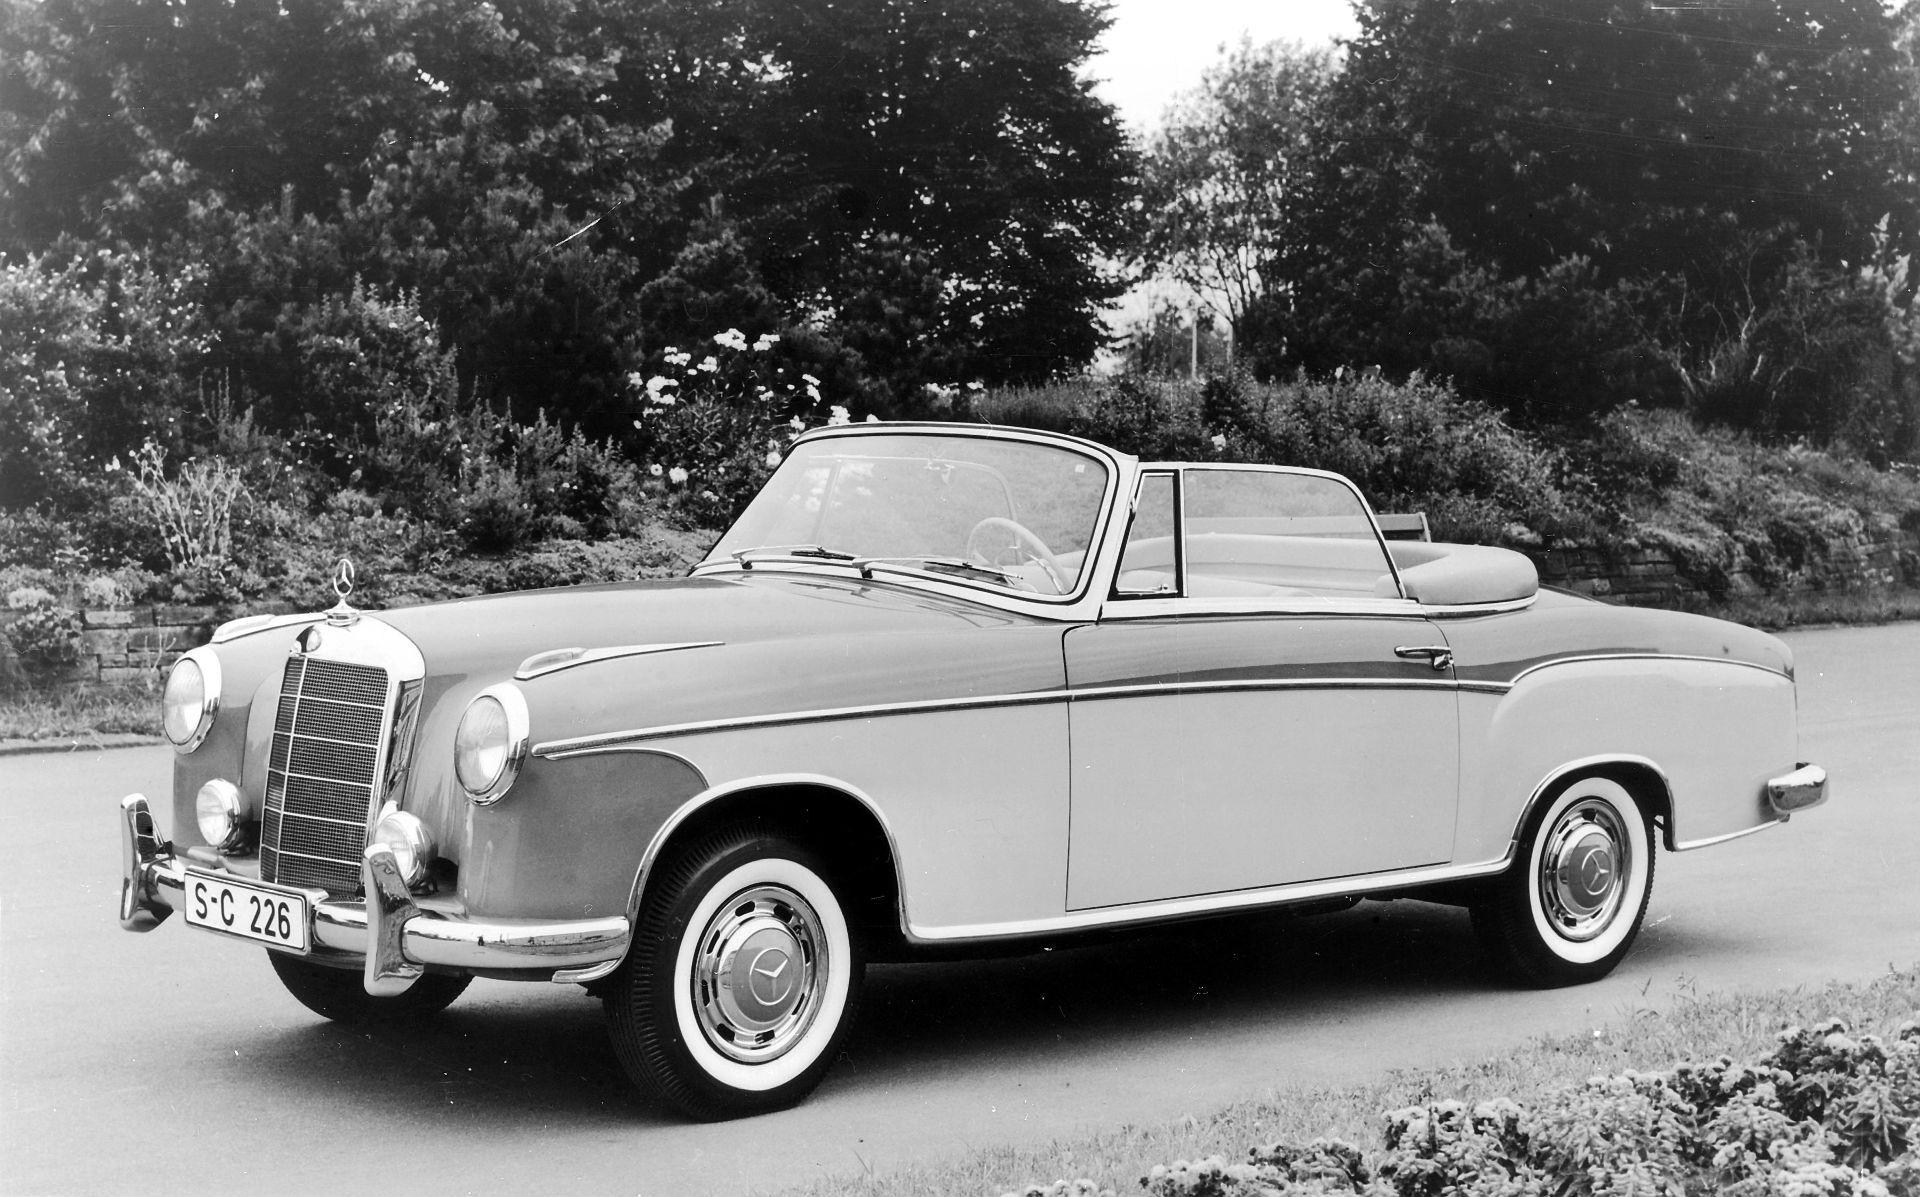 Mercedes-Benz Typ 220 S Cabriolet